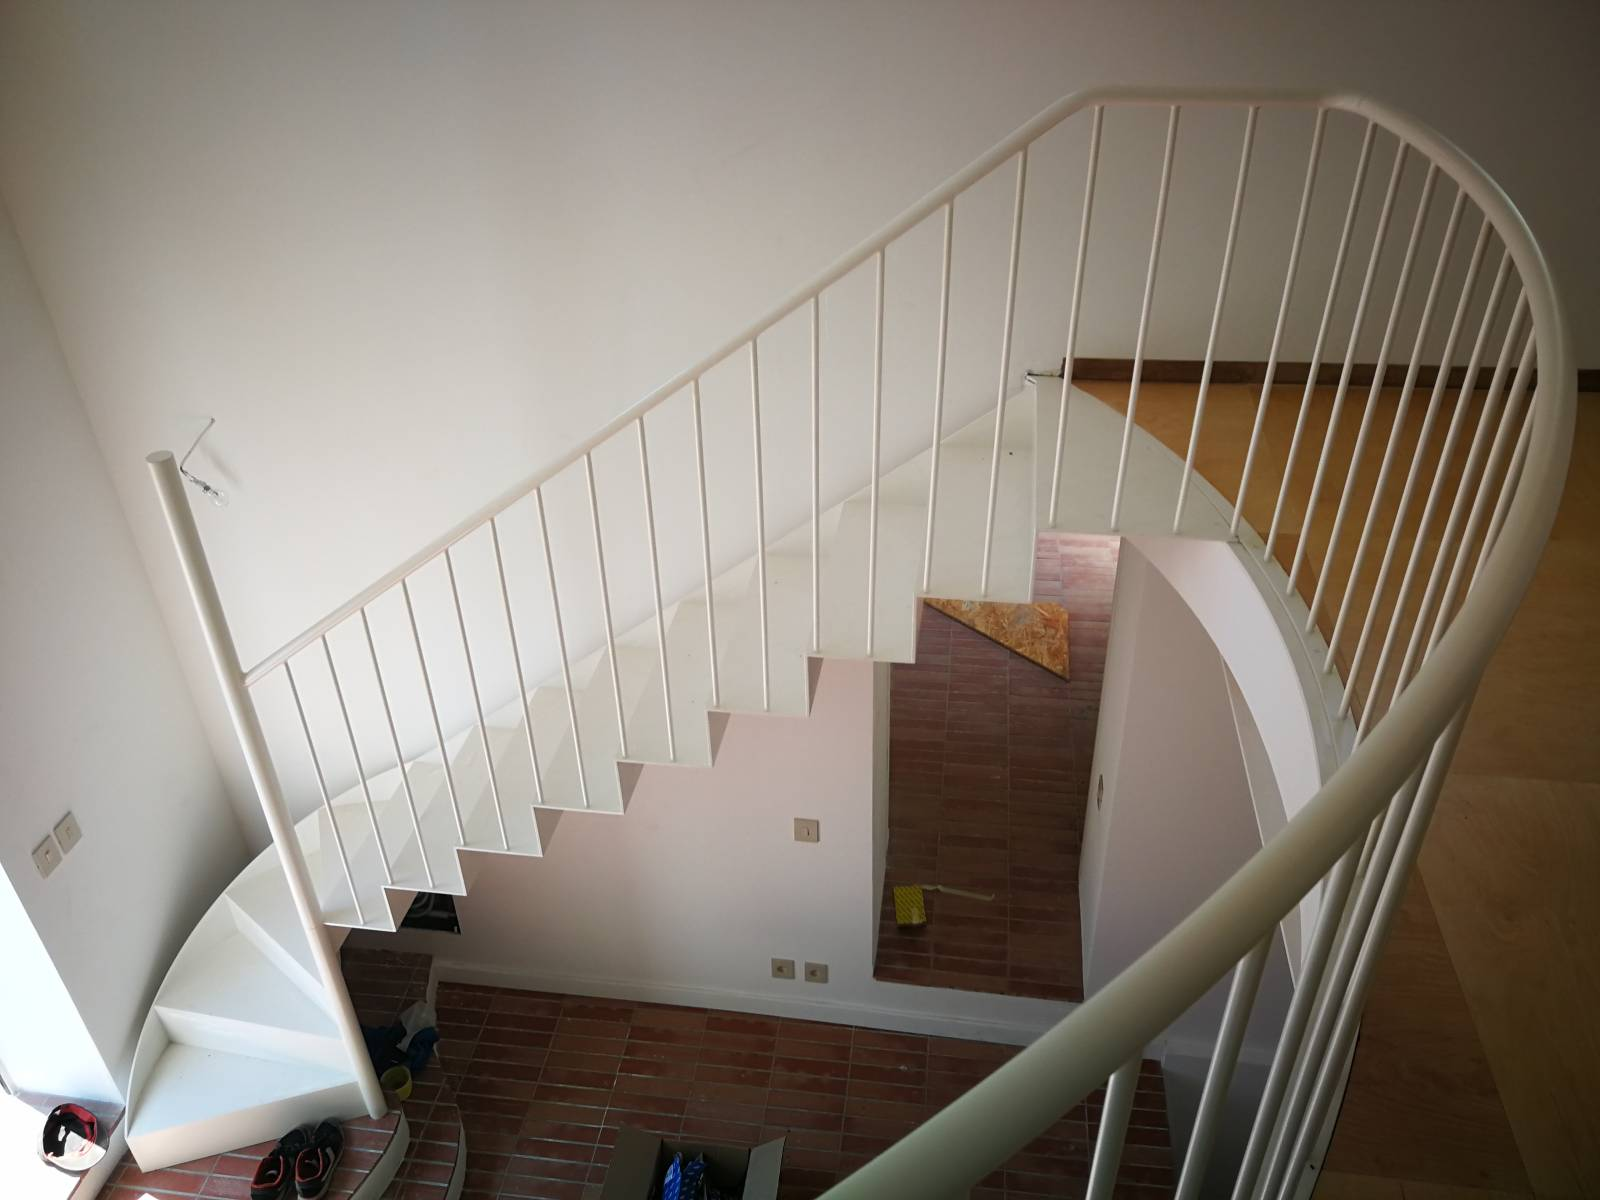 Escalier Design Moderne En Tole Acier Avec Une Rampe Et Un